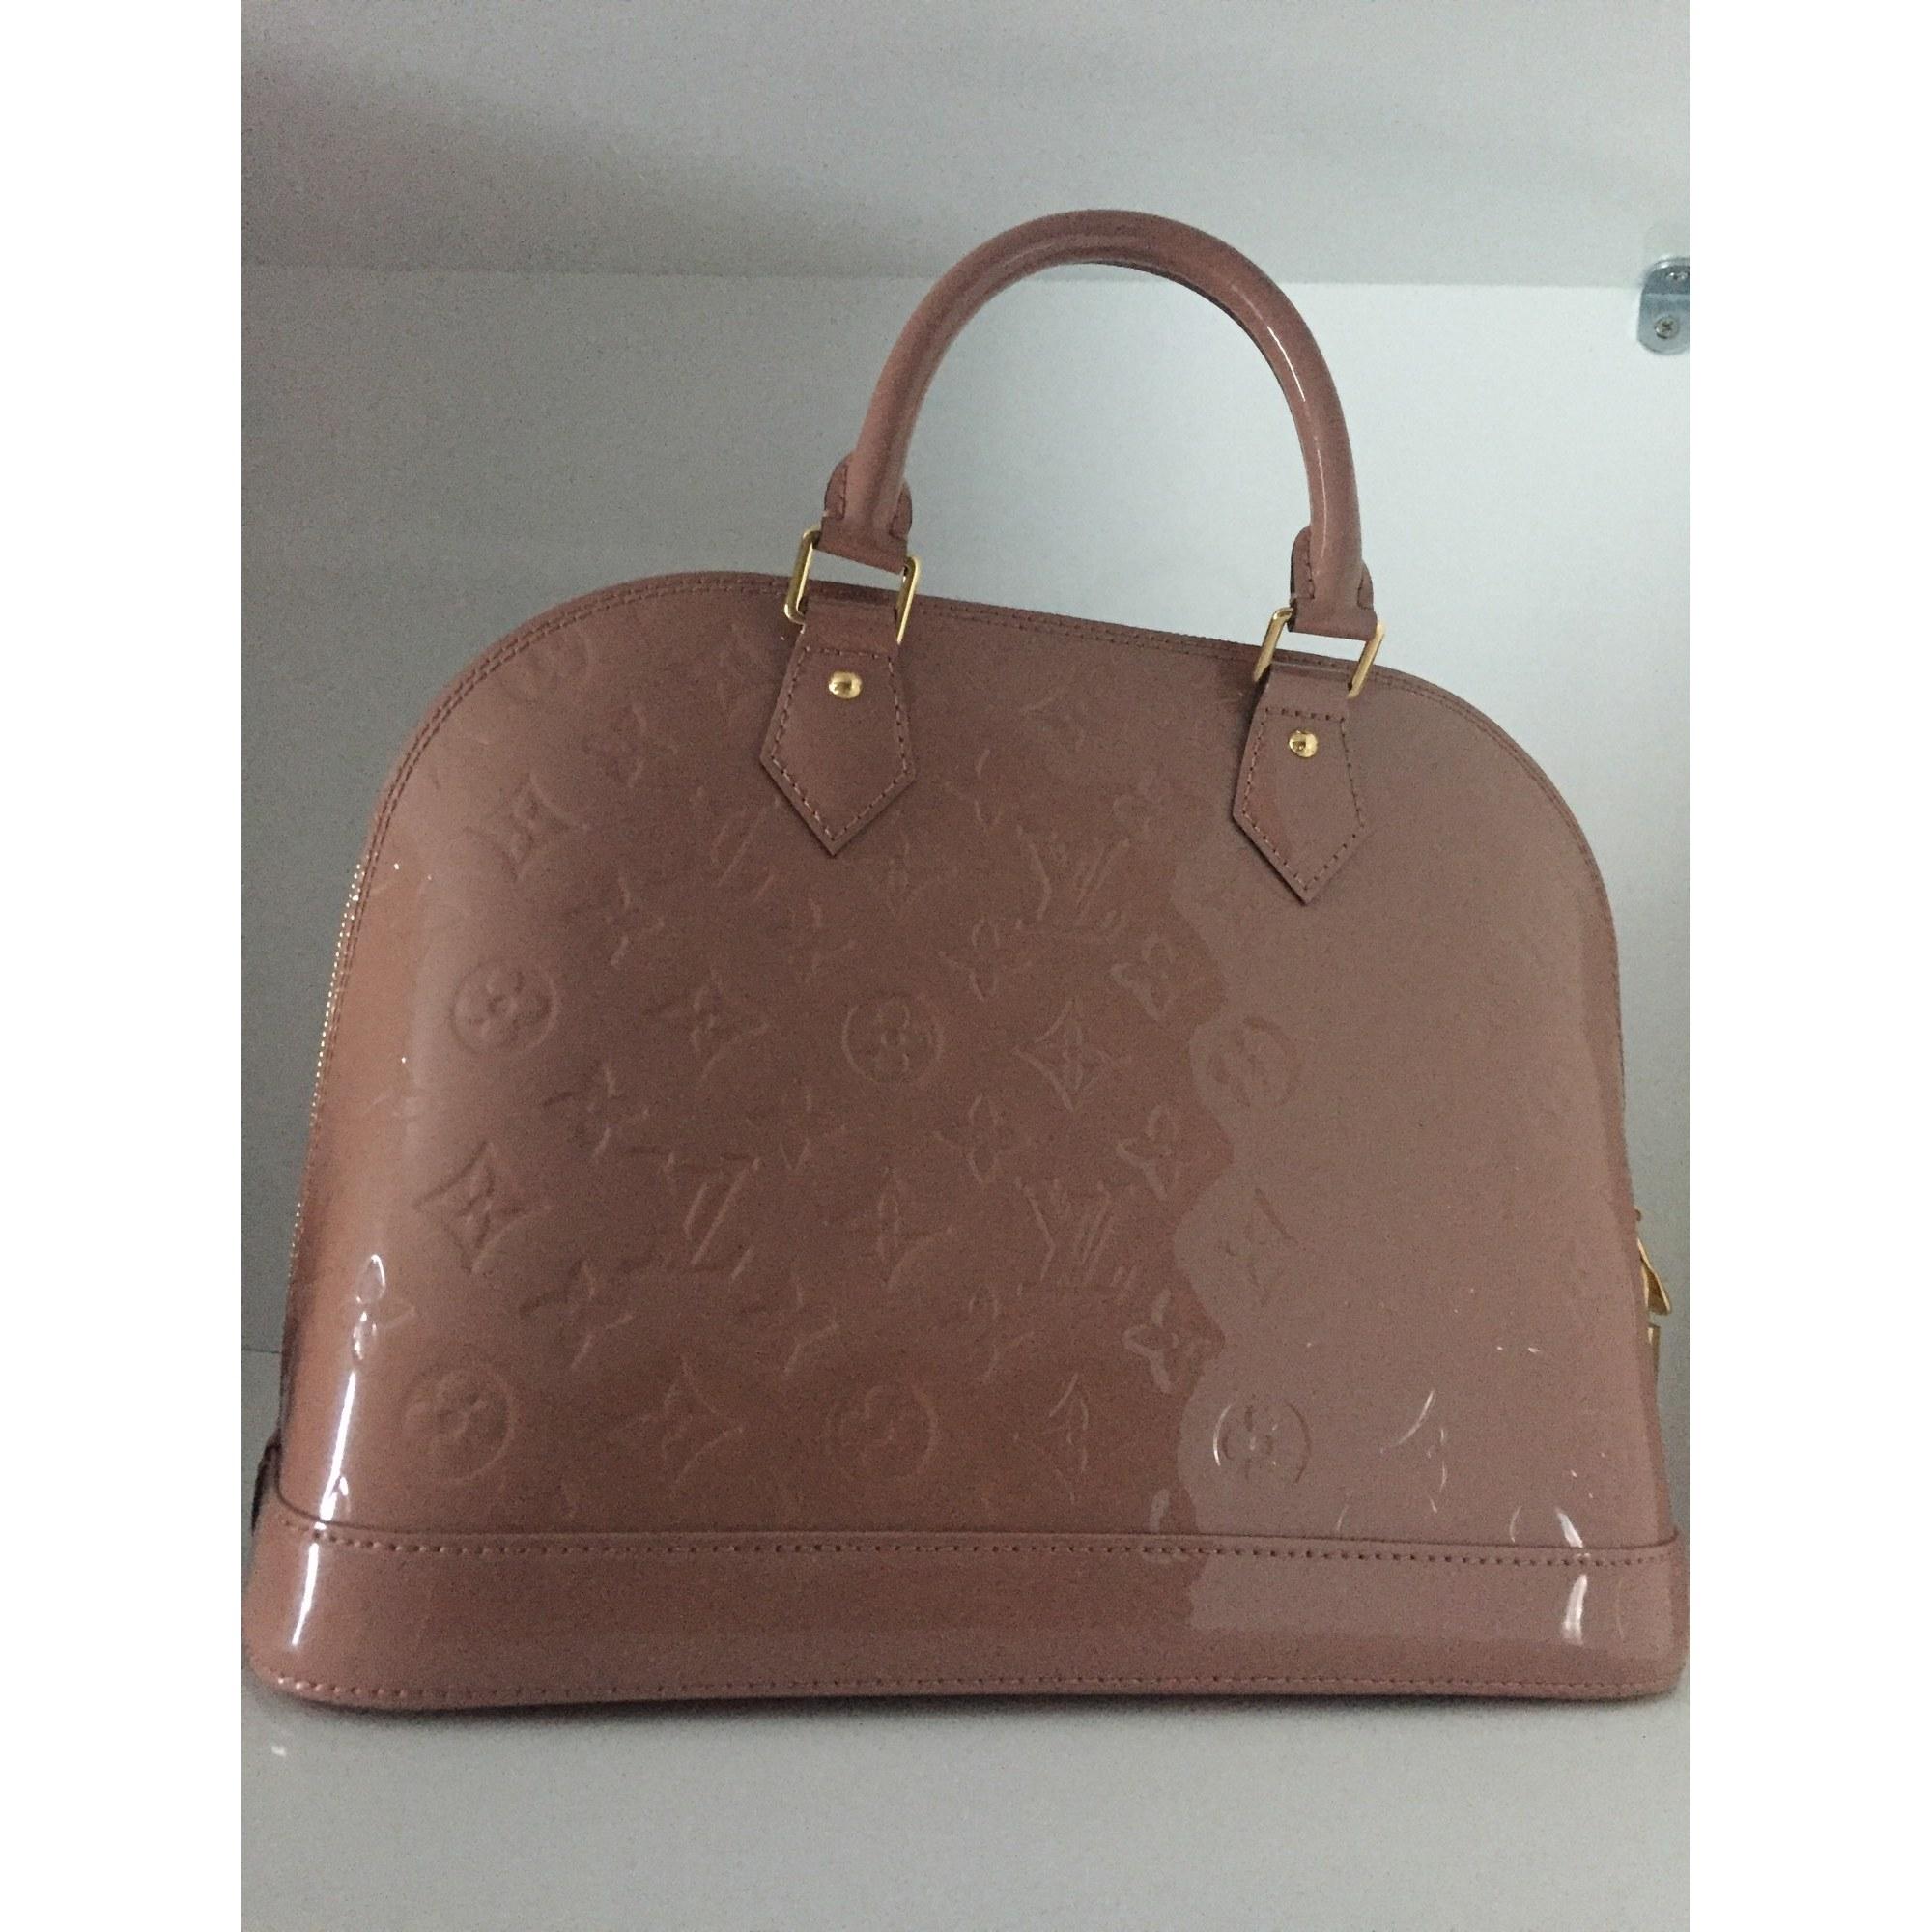 Sac à main en cuir LOUIS VUITTON rose velours vendu par Maeva ... 9a8517f6a060